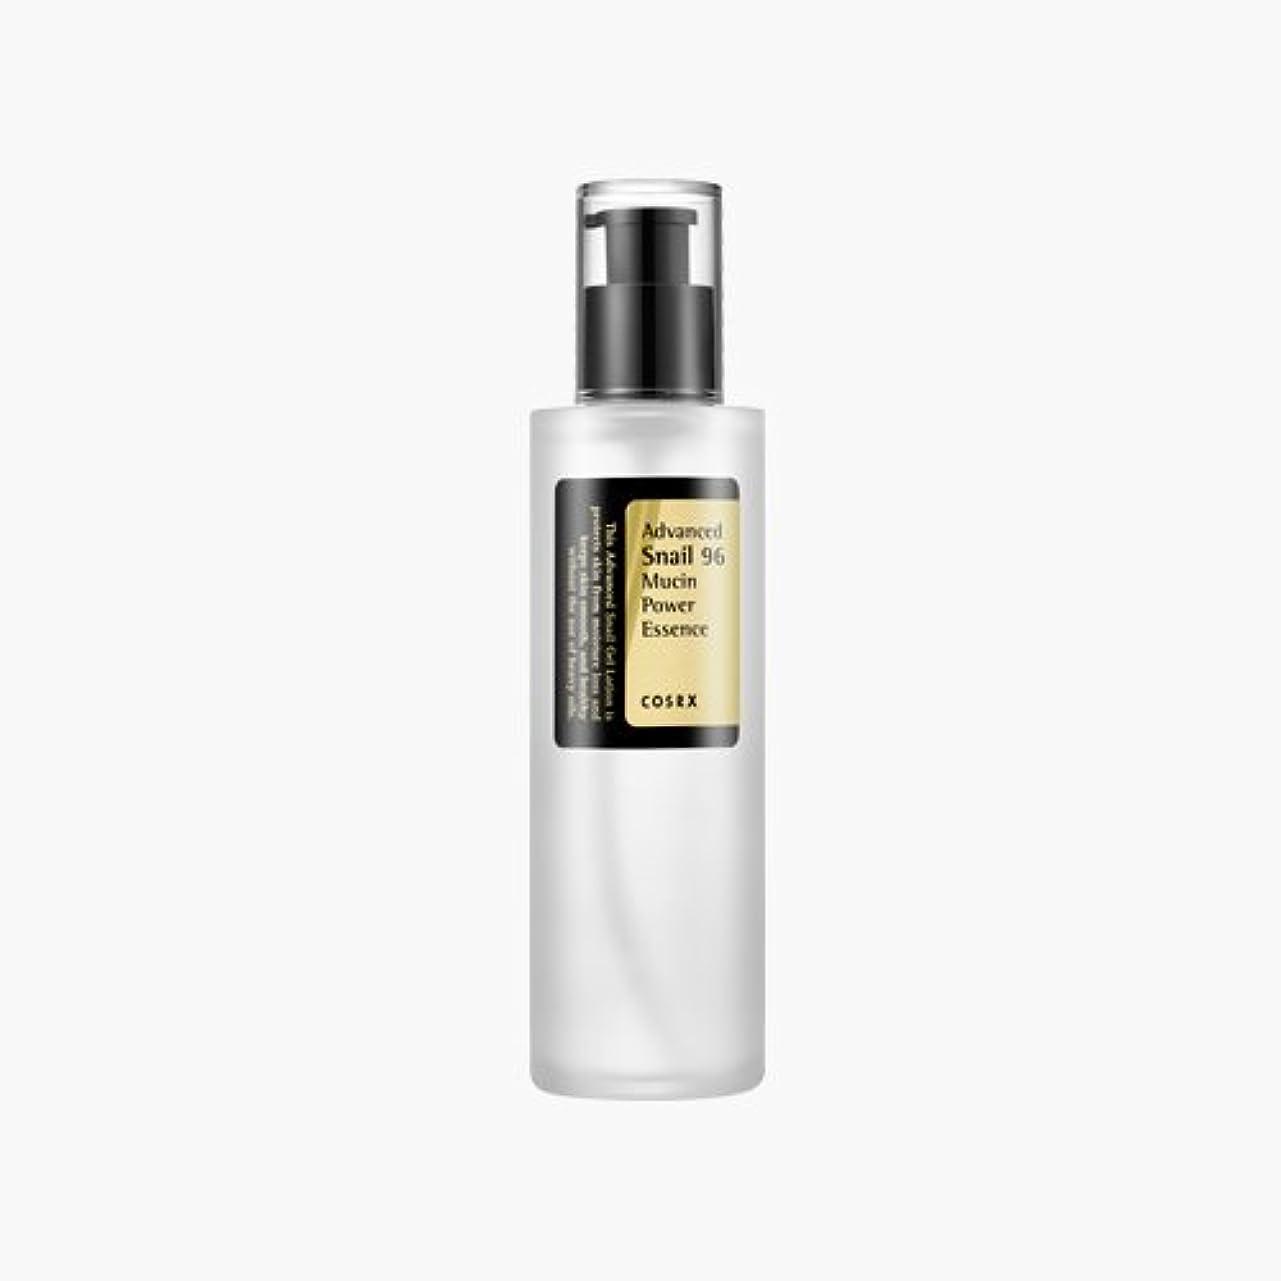 メンテナンス武器高尚な[Cosrx] Advanced Snail 96 Mucin Power Essence 100ml/K-Beauty/Korea Cosmetics